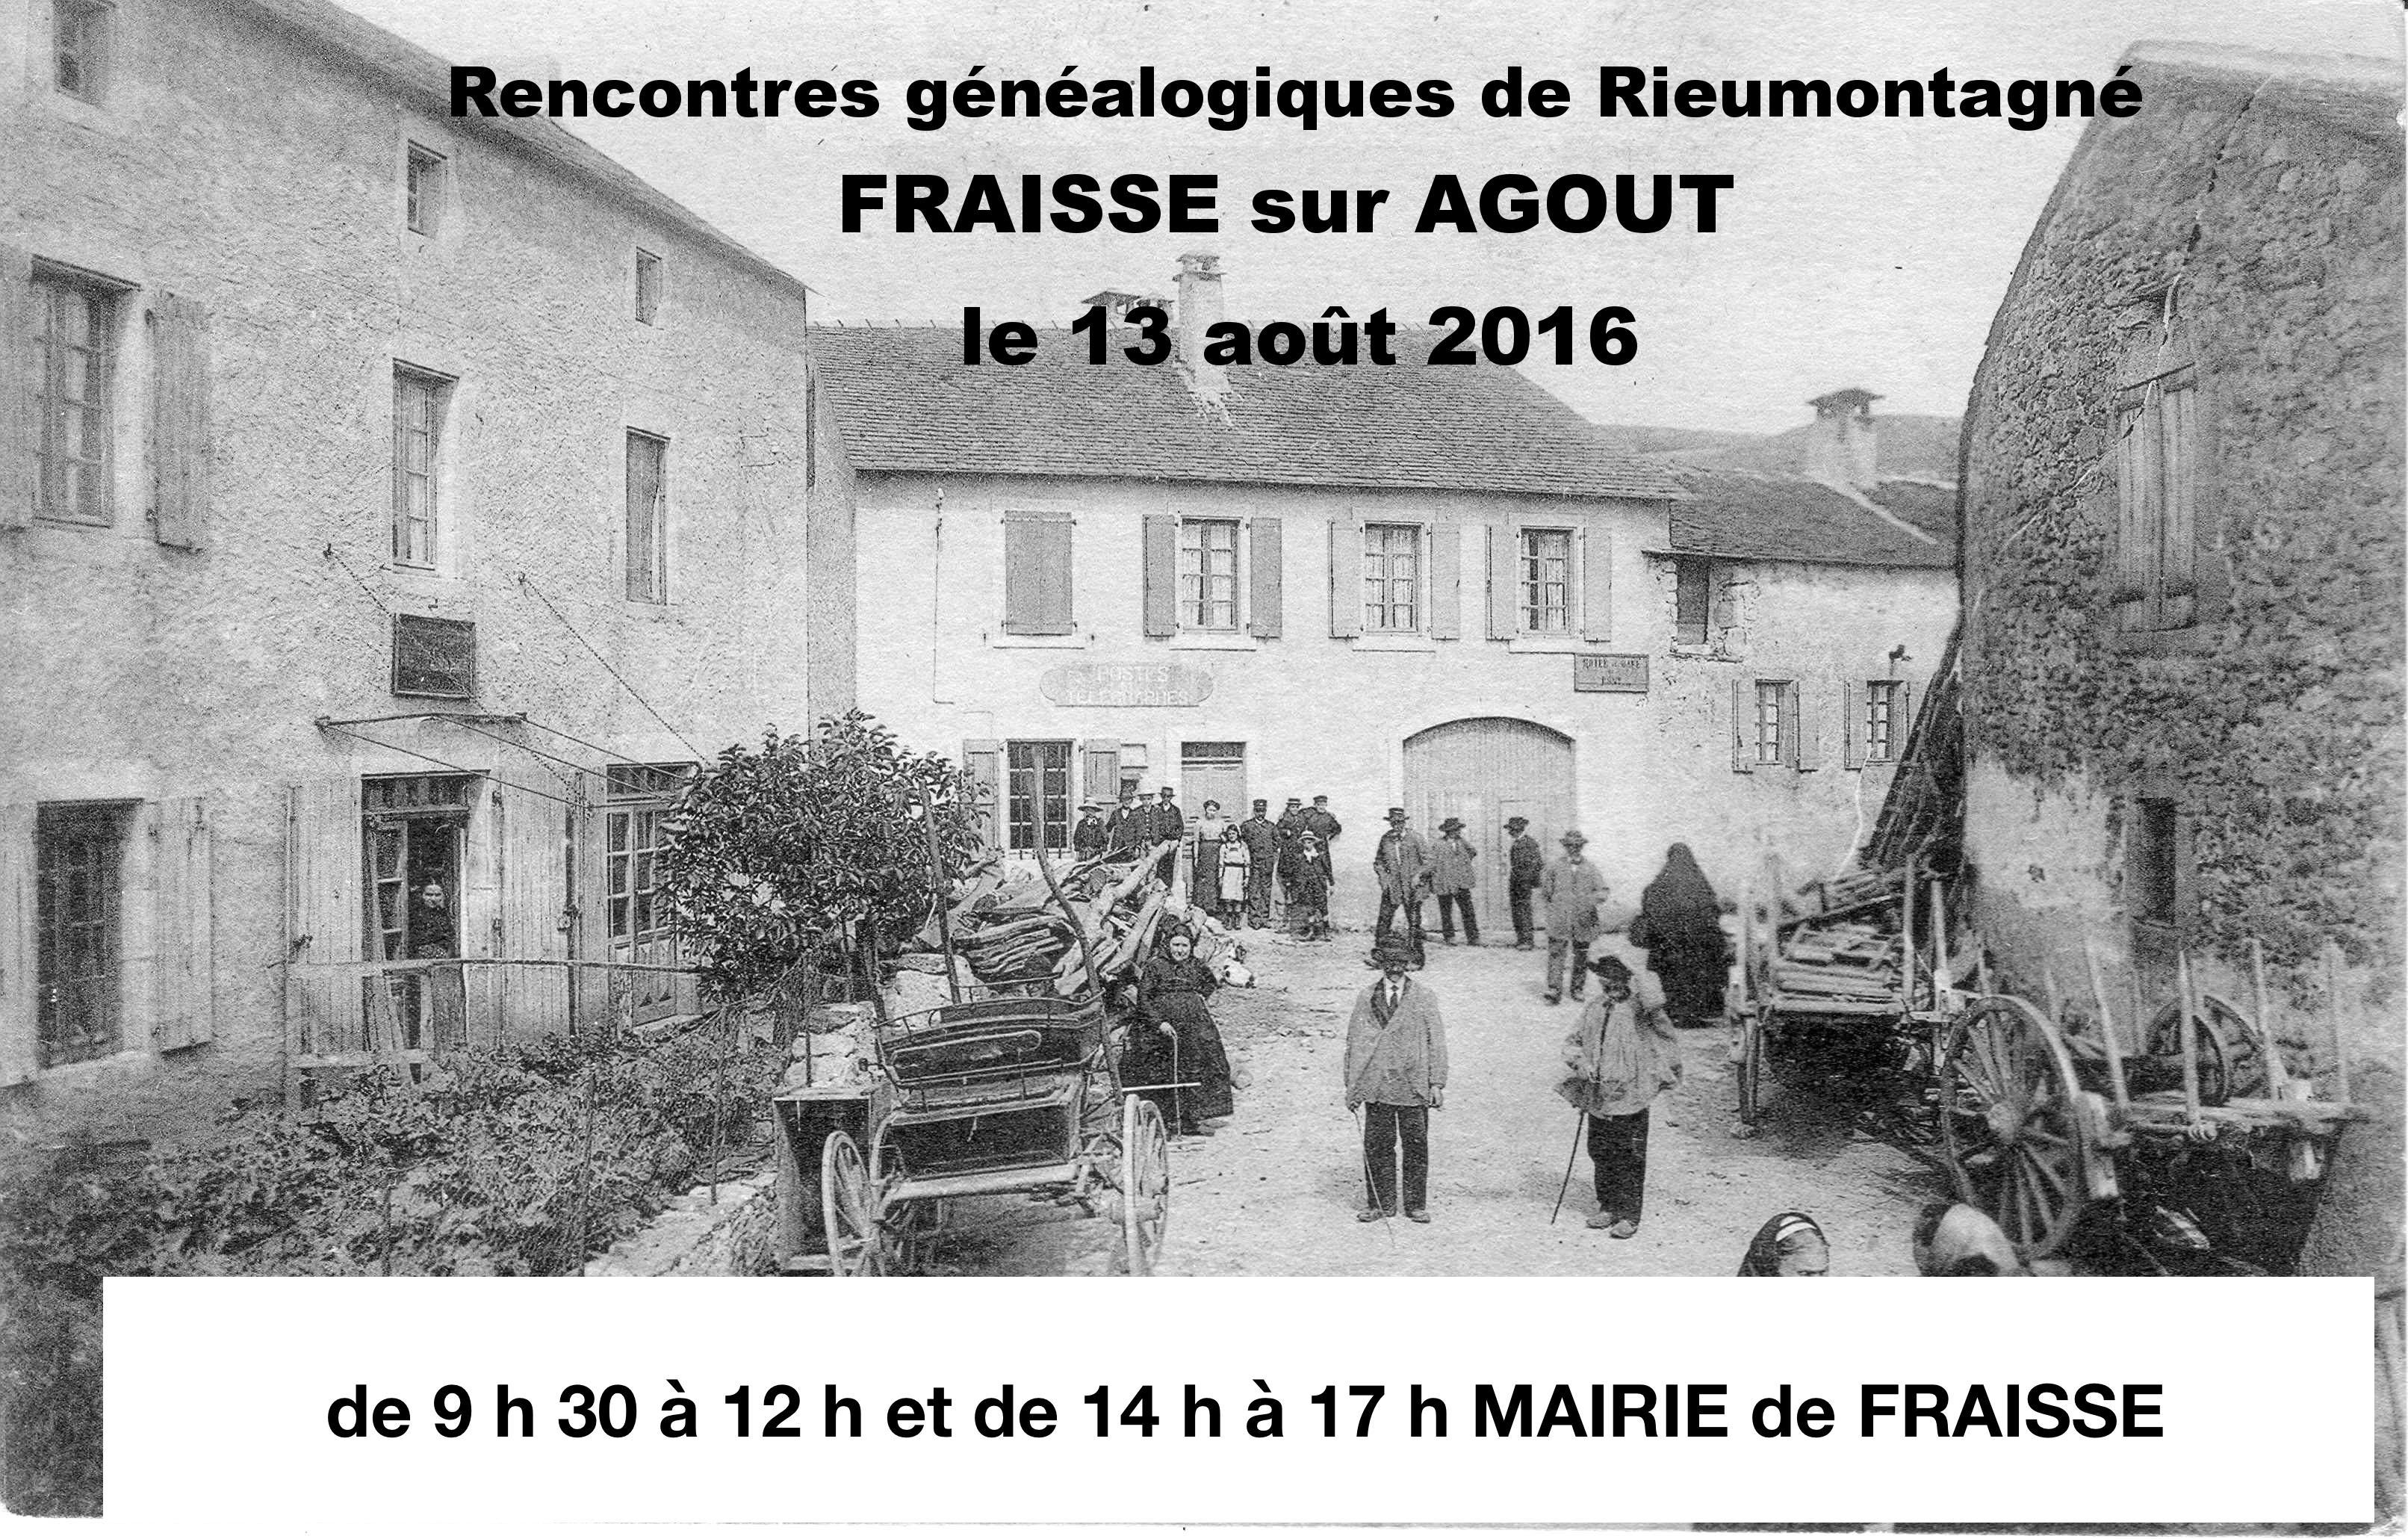 Samedi 13 août 2016 – Généalogie et Assemblée générale à Fraïsse-sur-Agoût